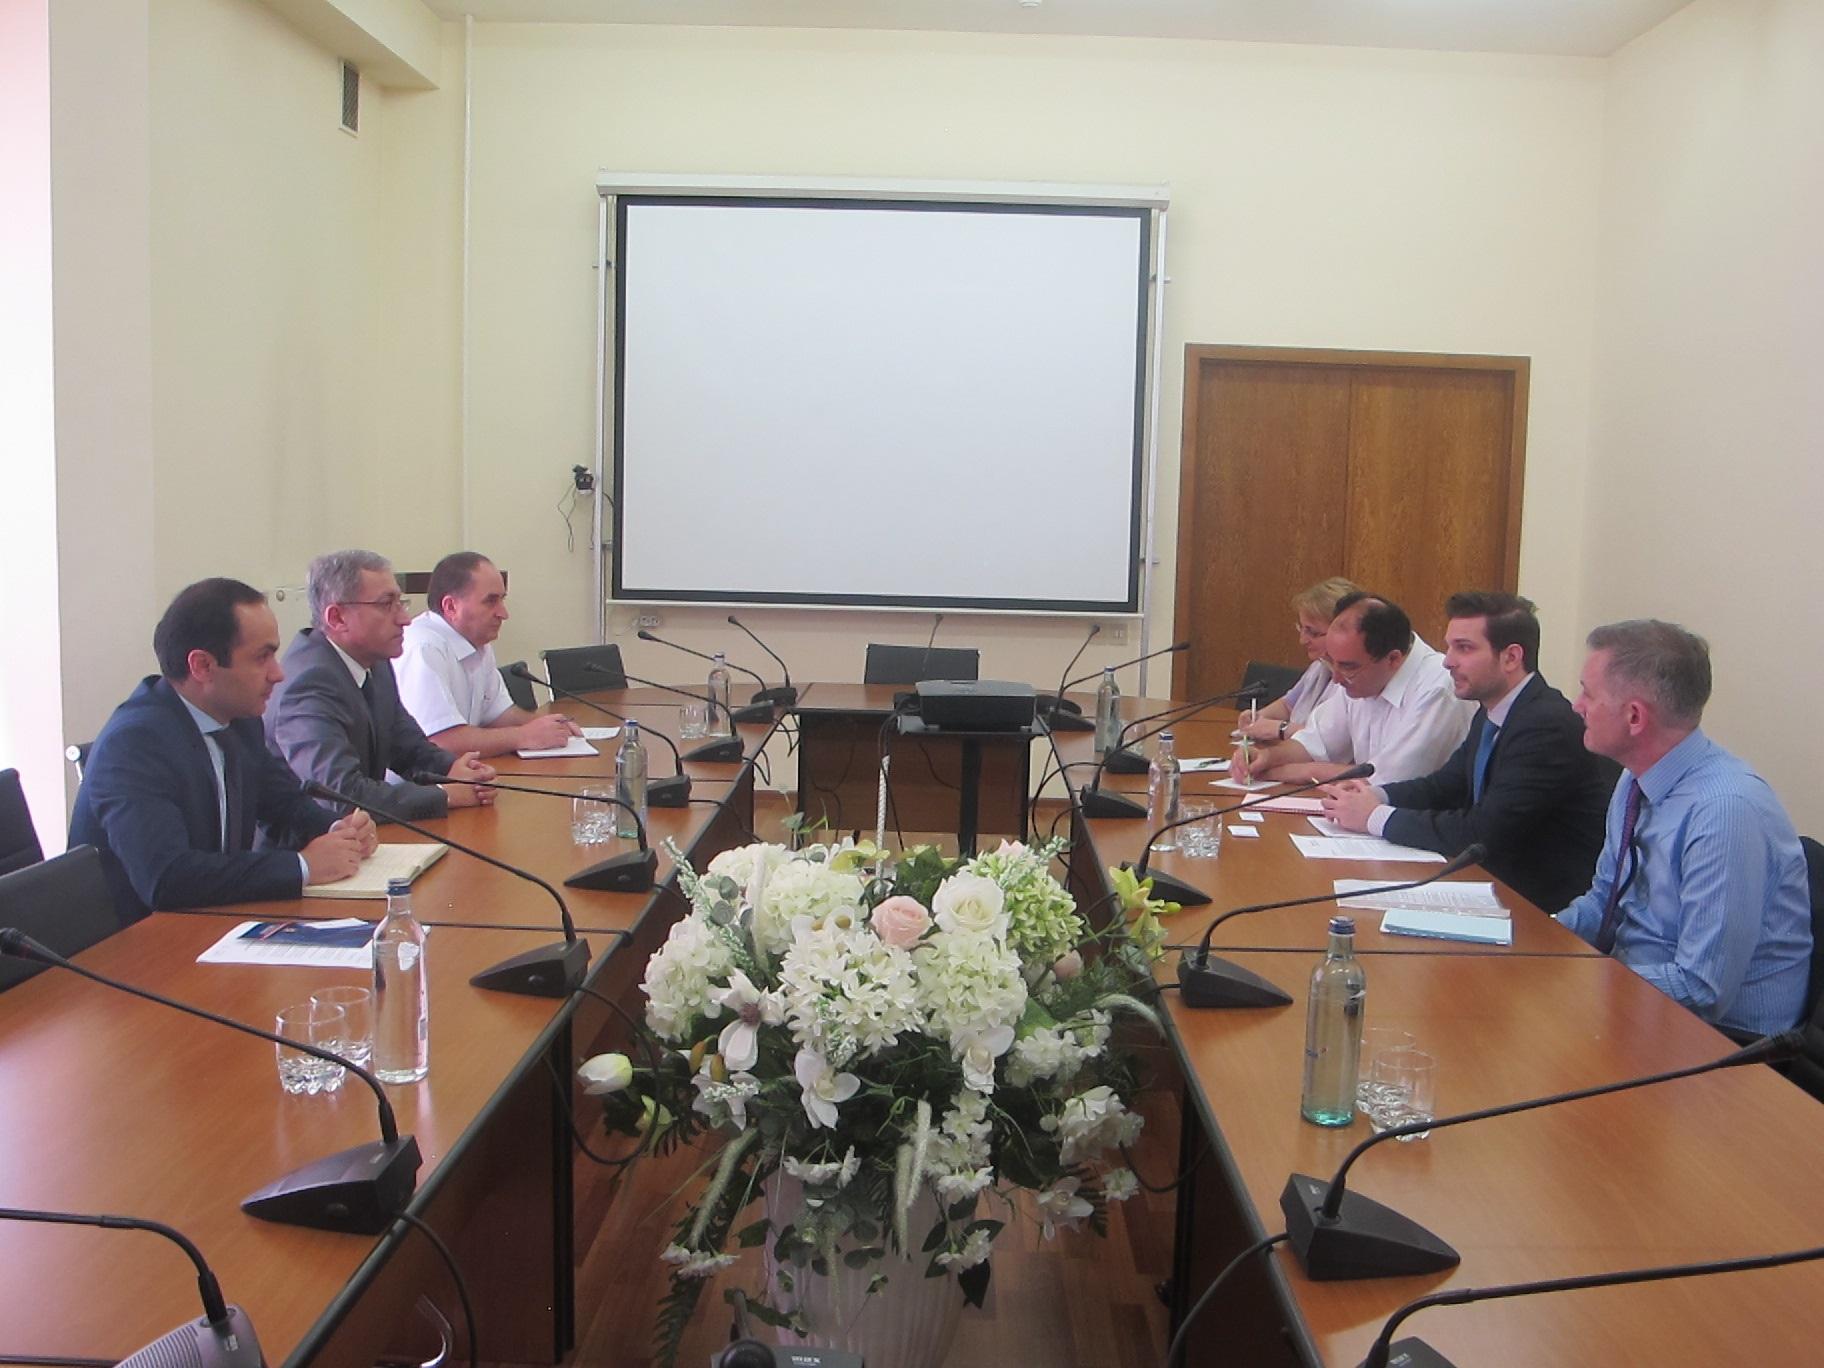 Աշոտ Մանուկյանը Moody's-ի պատվիրակության հետ քննարկել է Հայաստանի սուվերեն վարկանիշի բարելավման խնդիրները